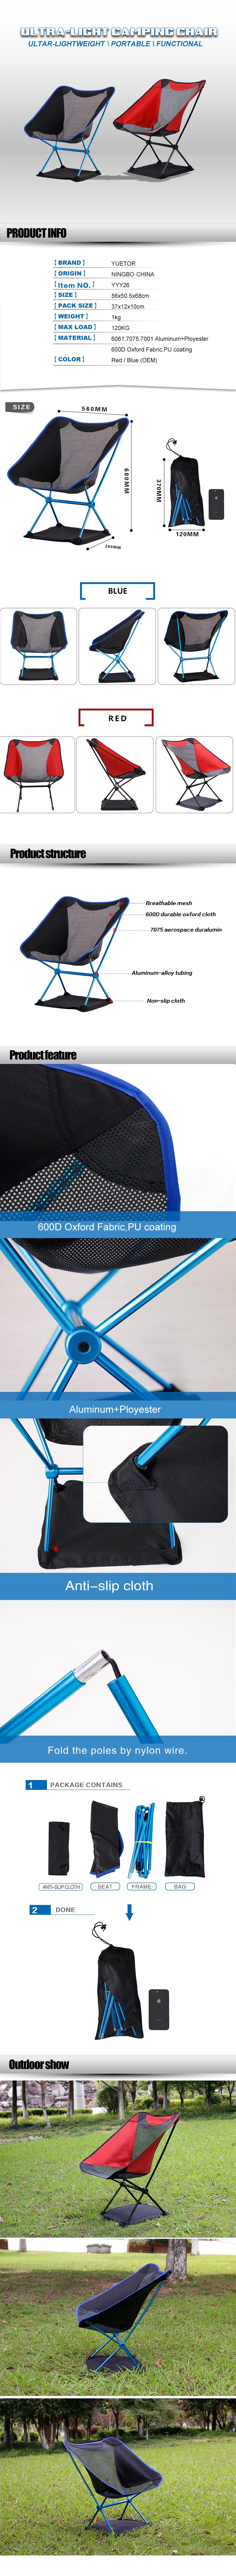 Ultra-Light Camping Chair YYY26